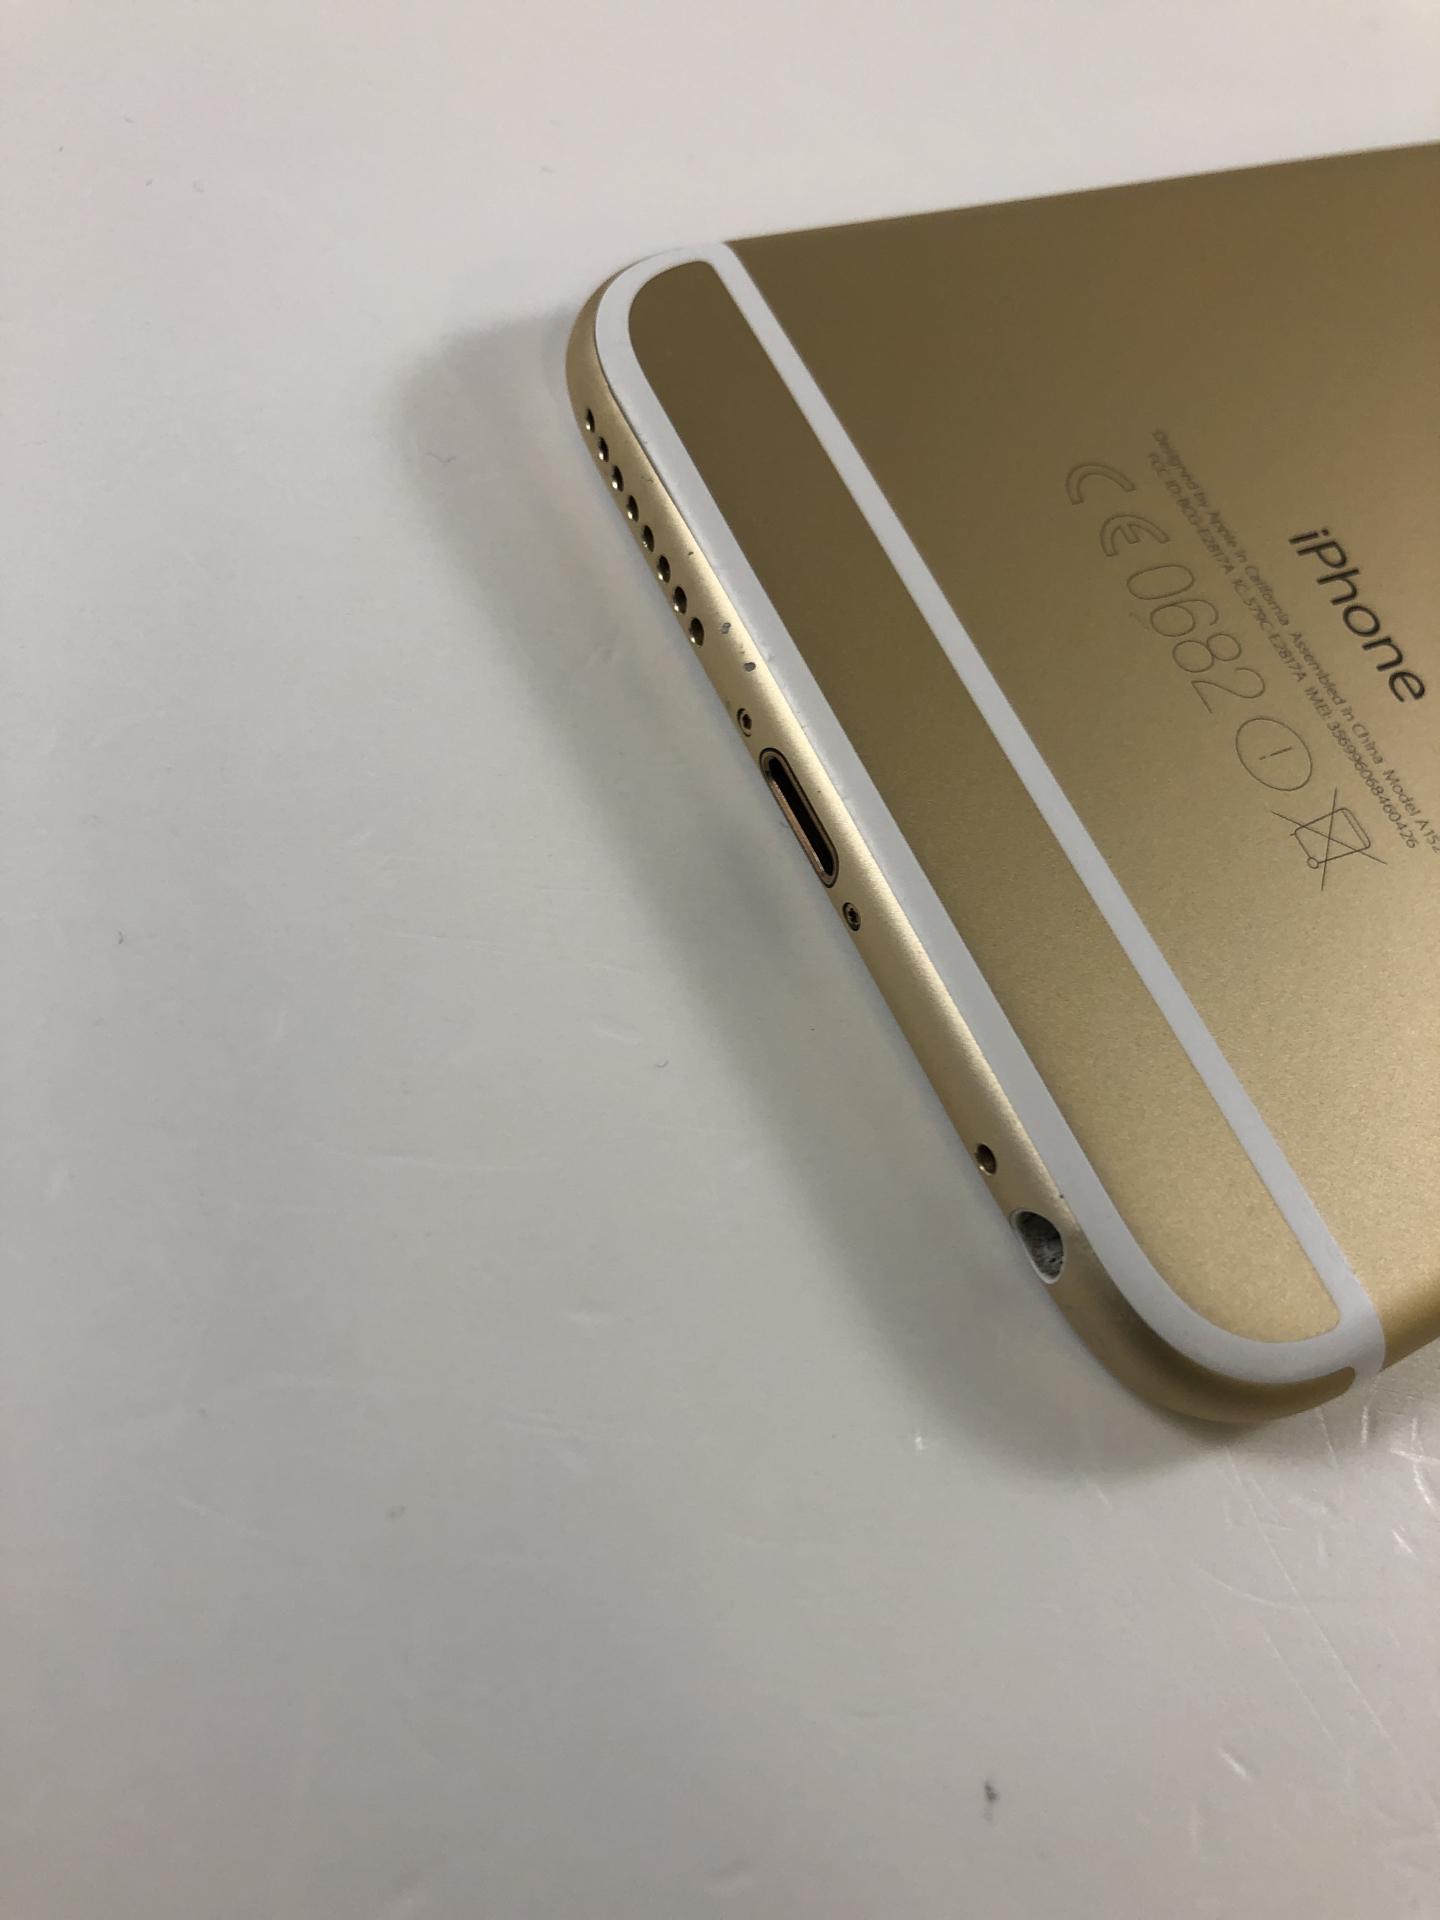 iPhone 6S Plus 16GB, 16GB, Gold, immagine 4